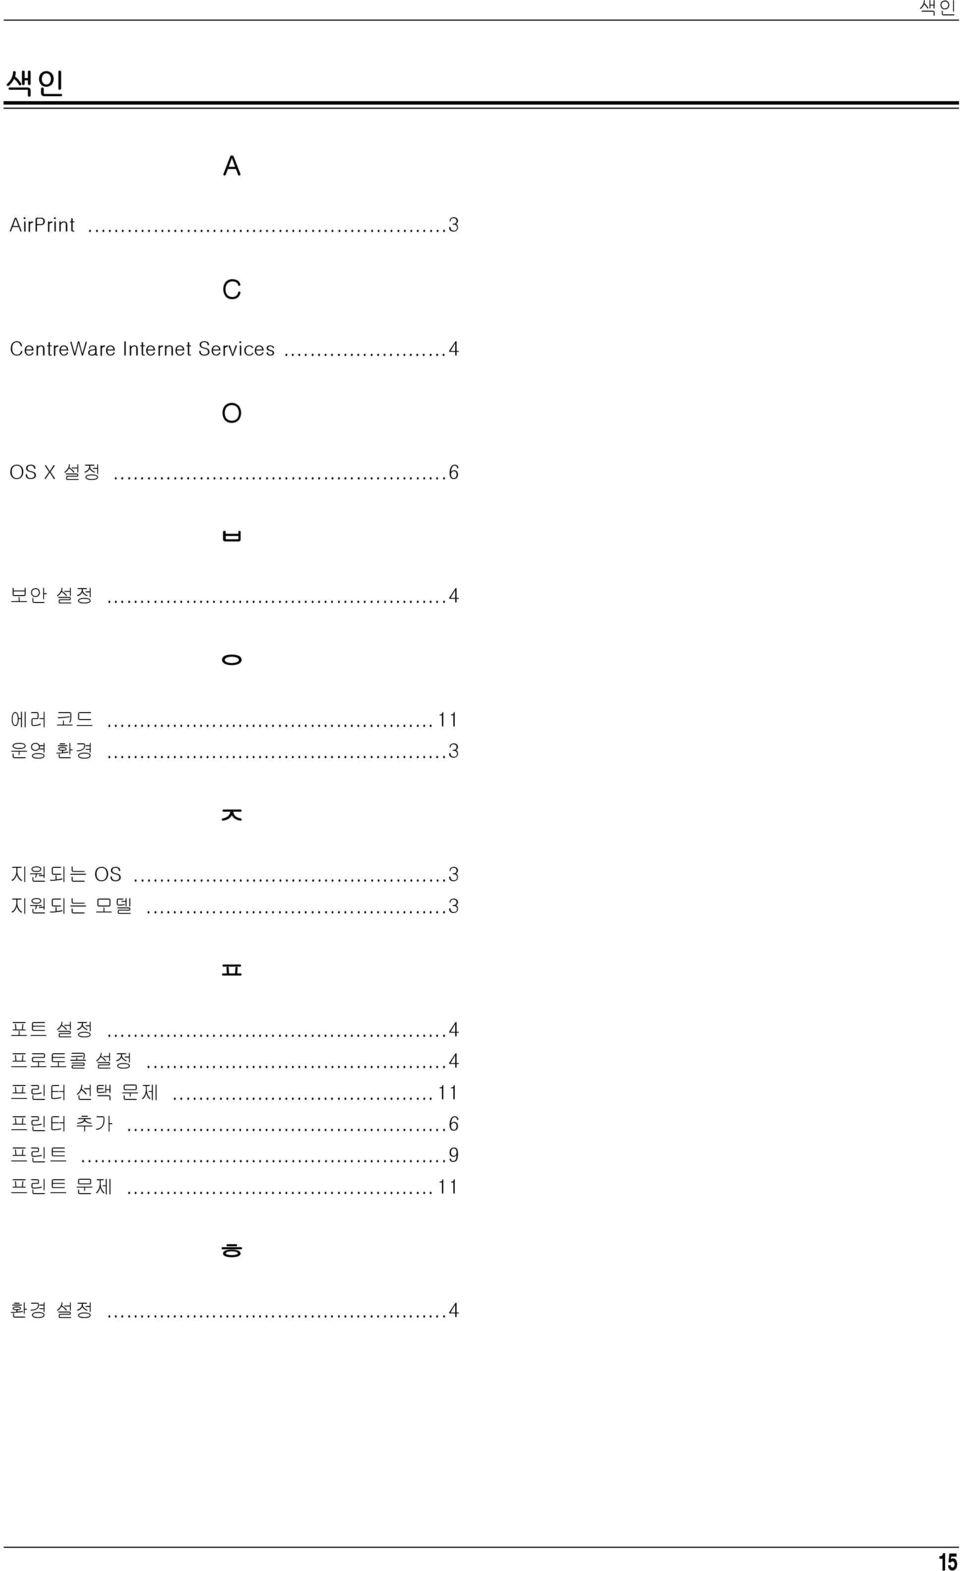 ApeosPort-V 7080/6080, DocuCentre-V 7080/6080 User Guide